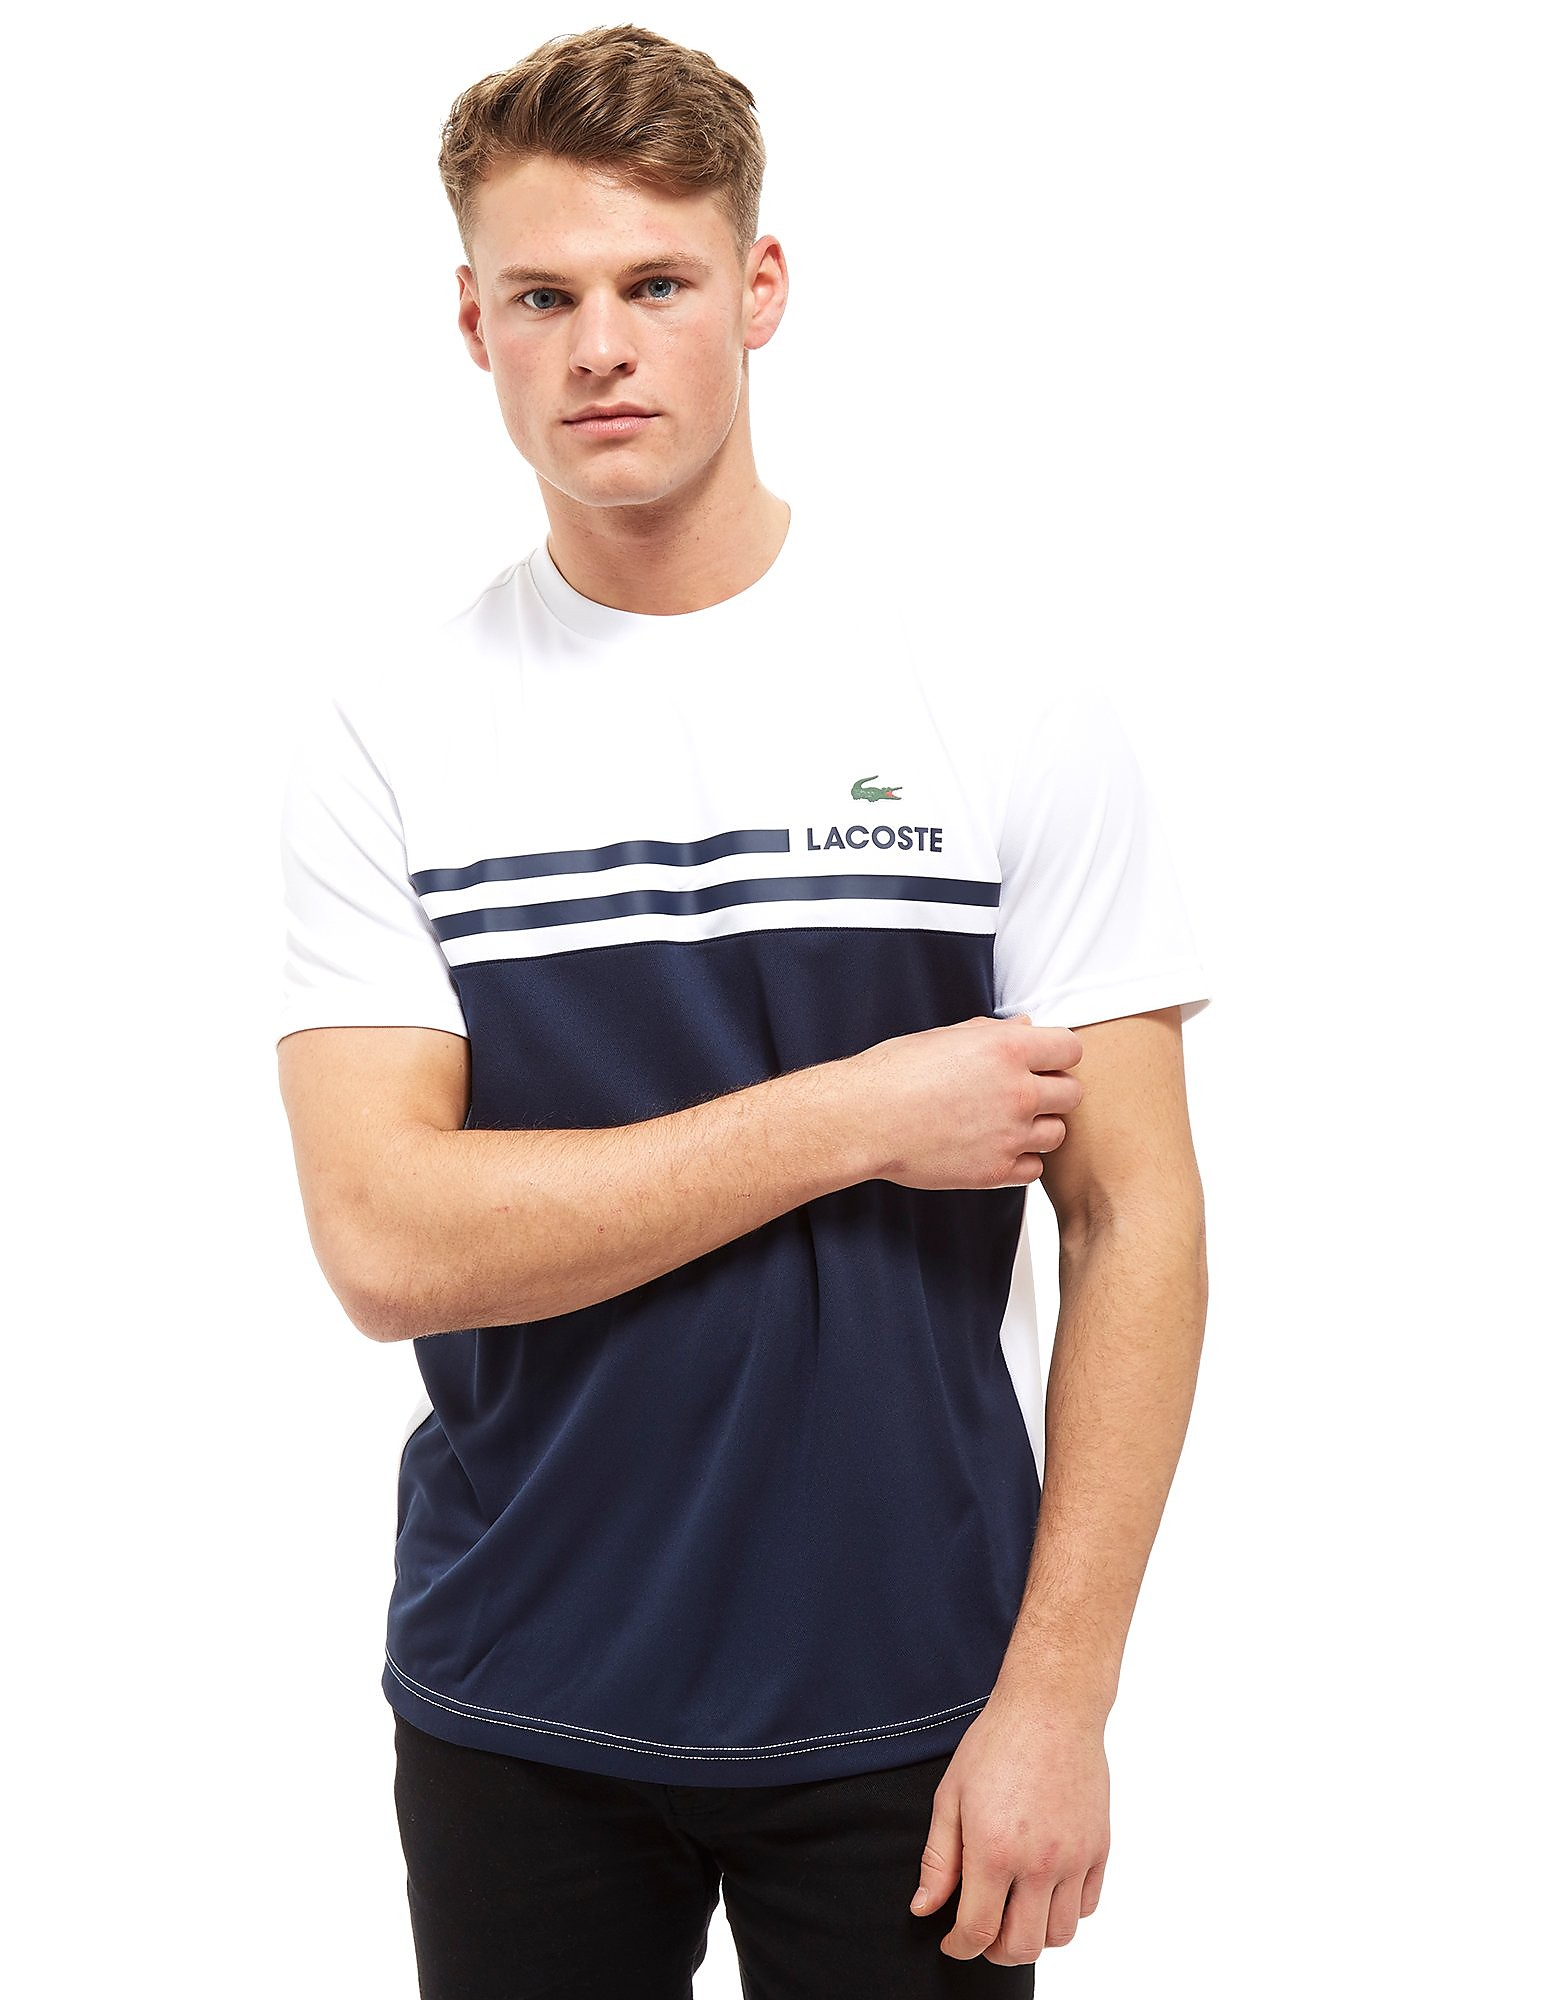 Lacoste Control Colourblock Line T-Shirt